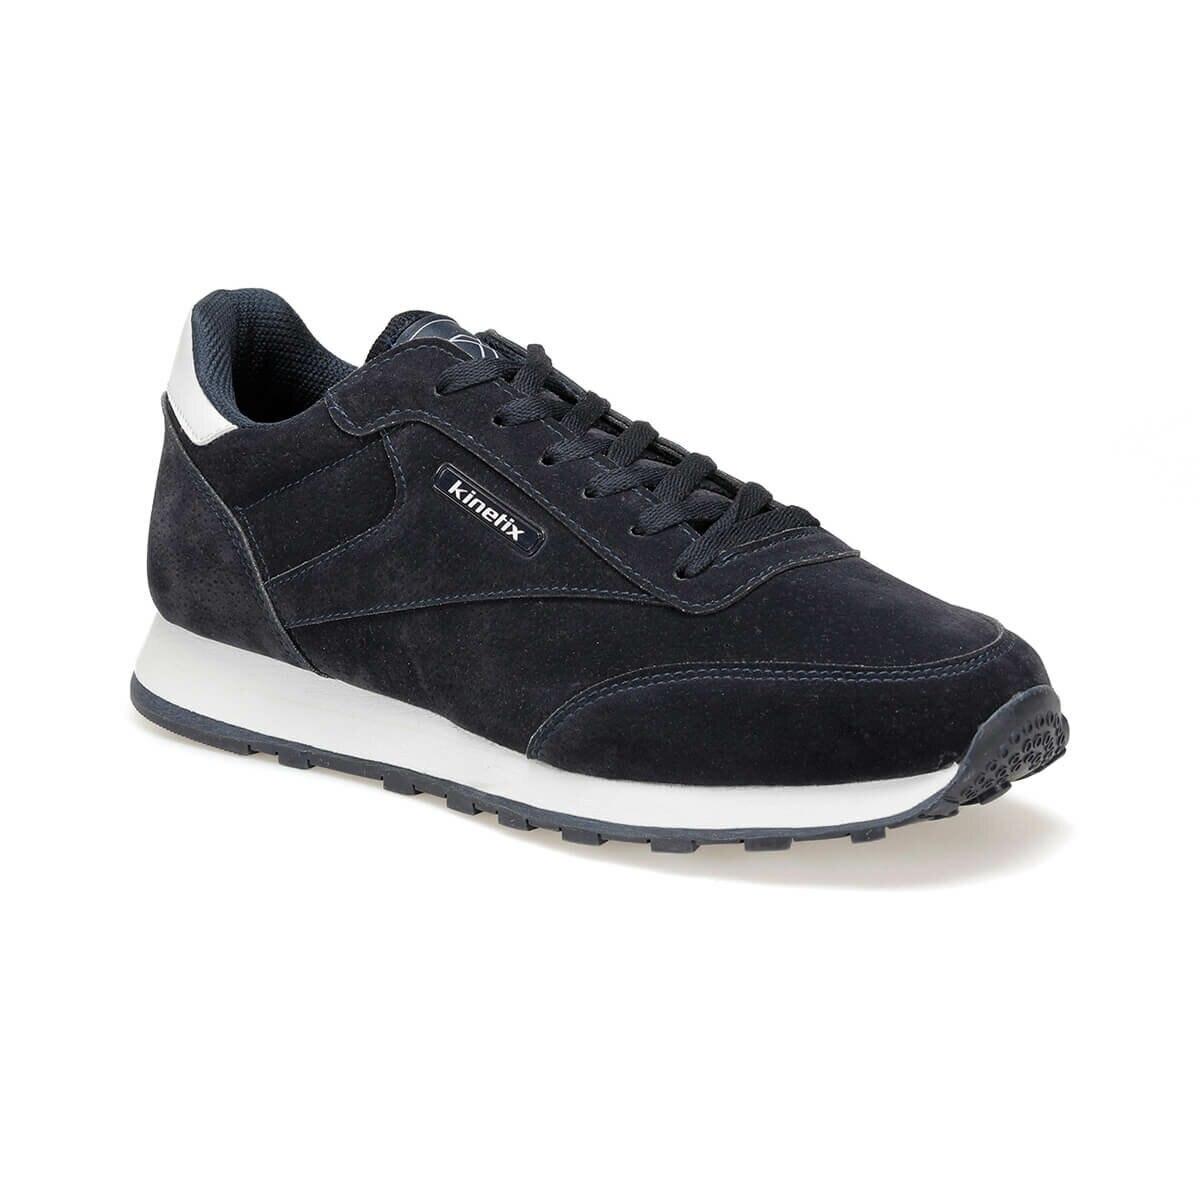 FLO LOWER S M 9PR Navy Blue Men 'S Sneaker Shoes KINETIX